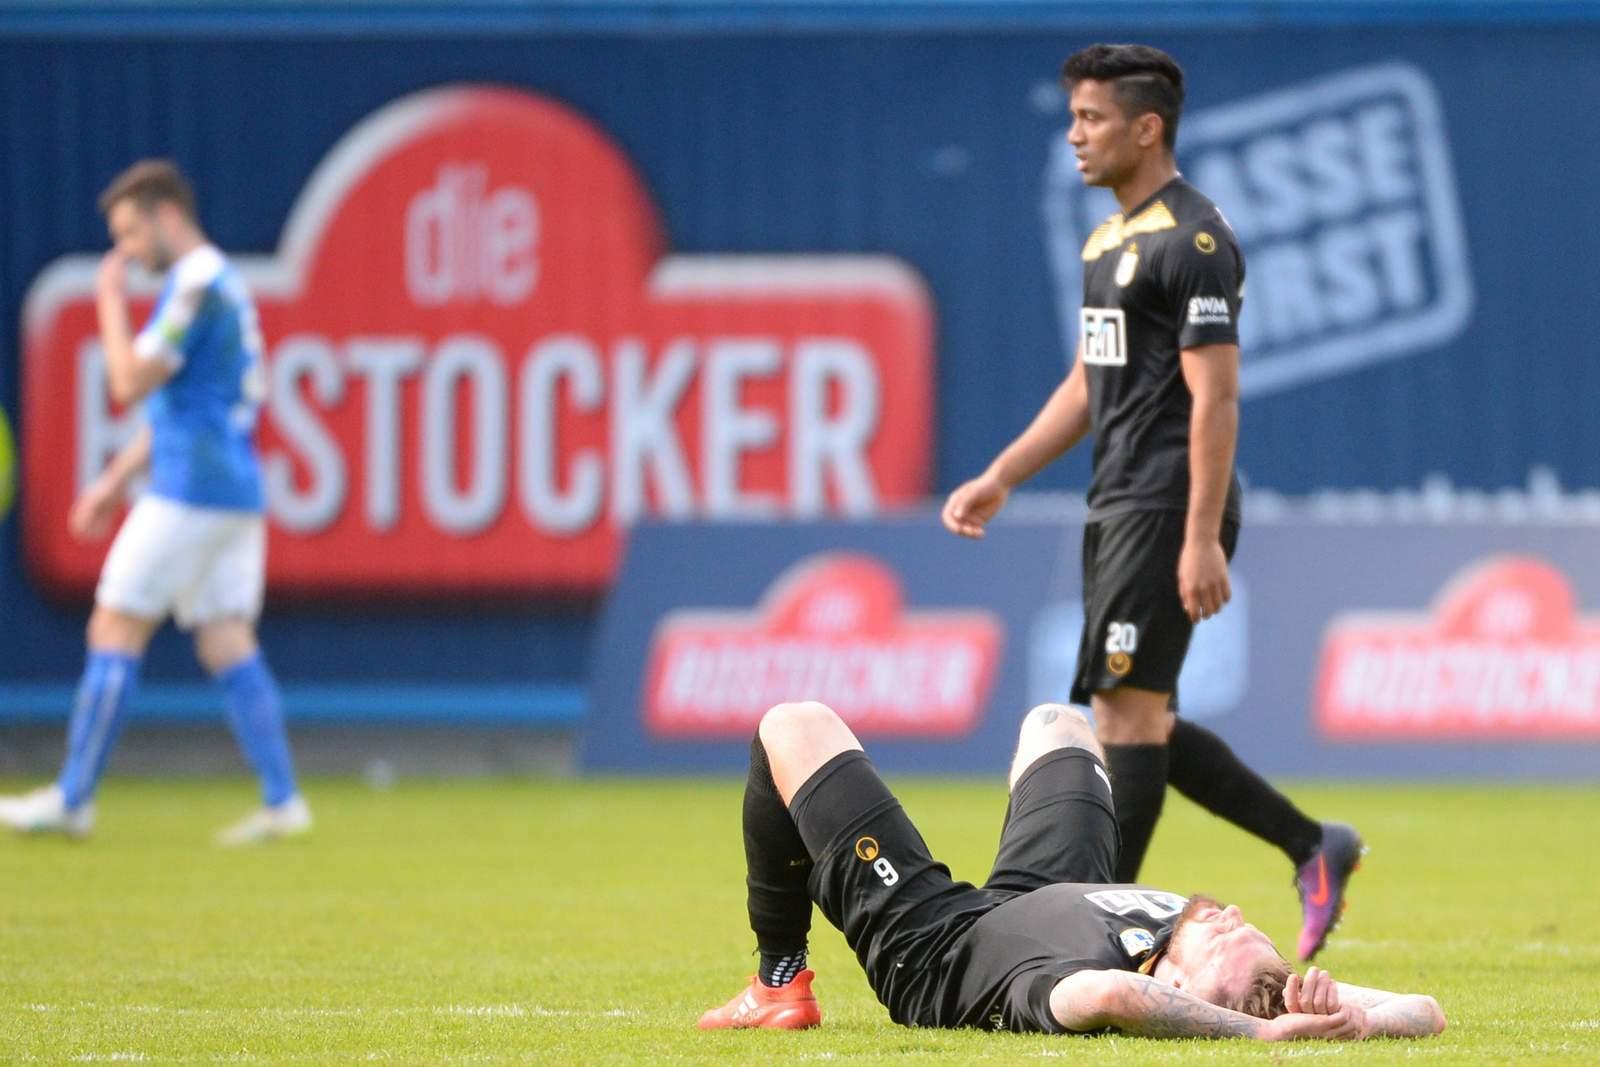 Jan Löhmannsröben und Ahmed Wasseem Razeek nach Spiel in Rostock